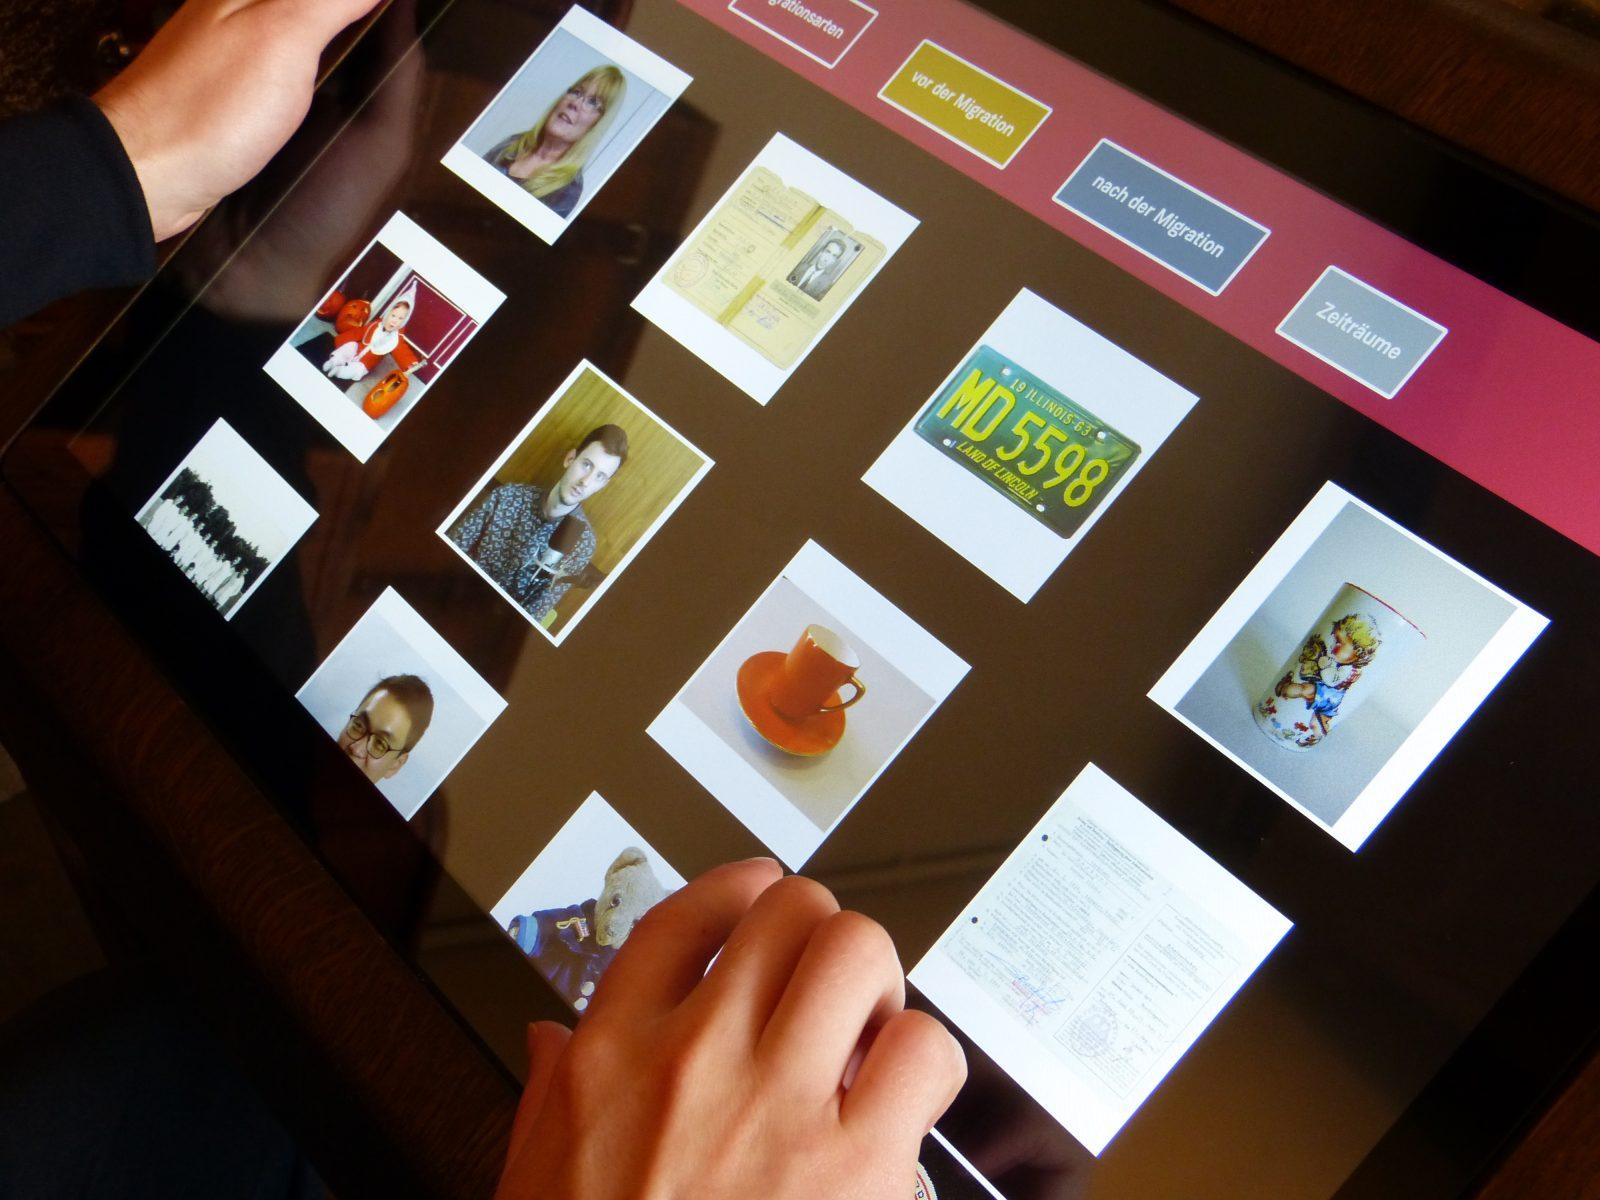 """: Einzelne Informationsseite des """"Biographien-Portals"""" in der Anwendung"""